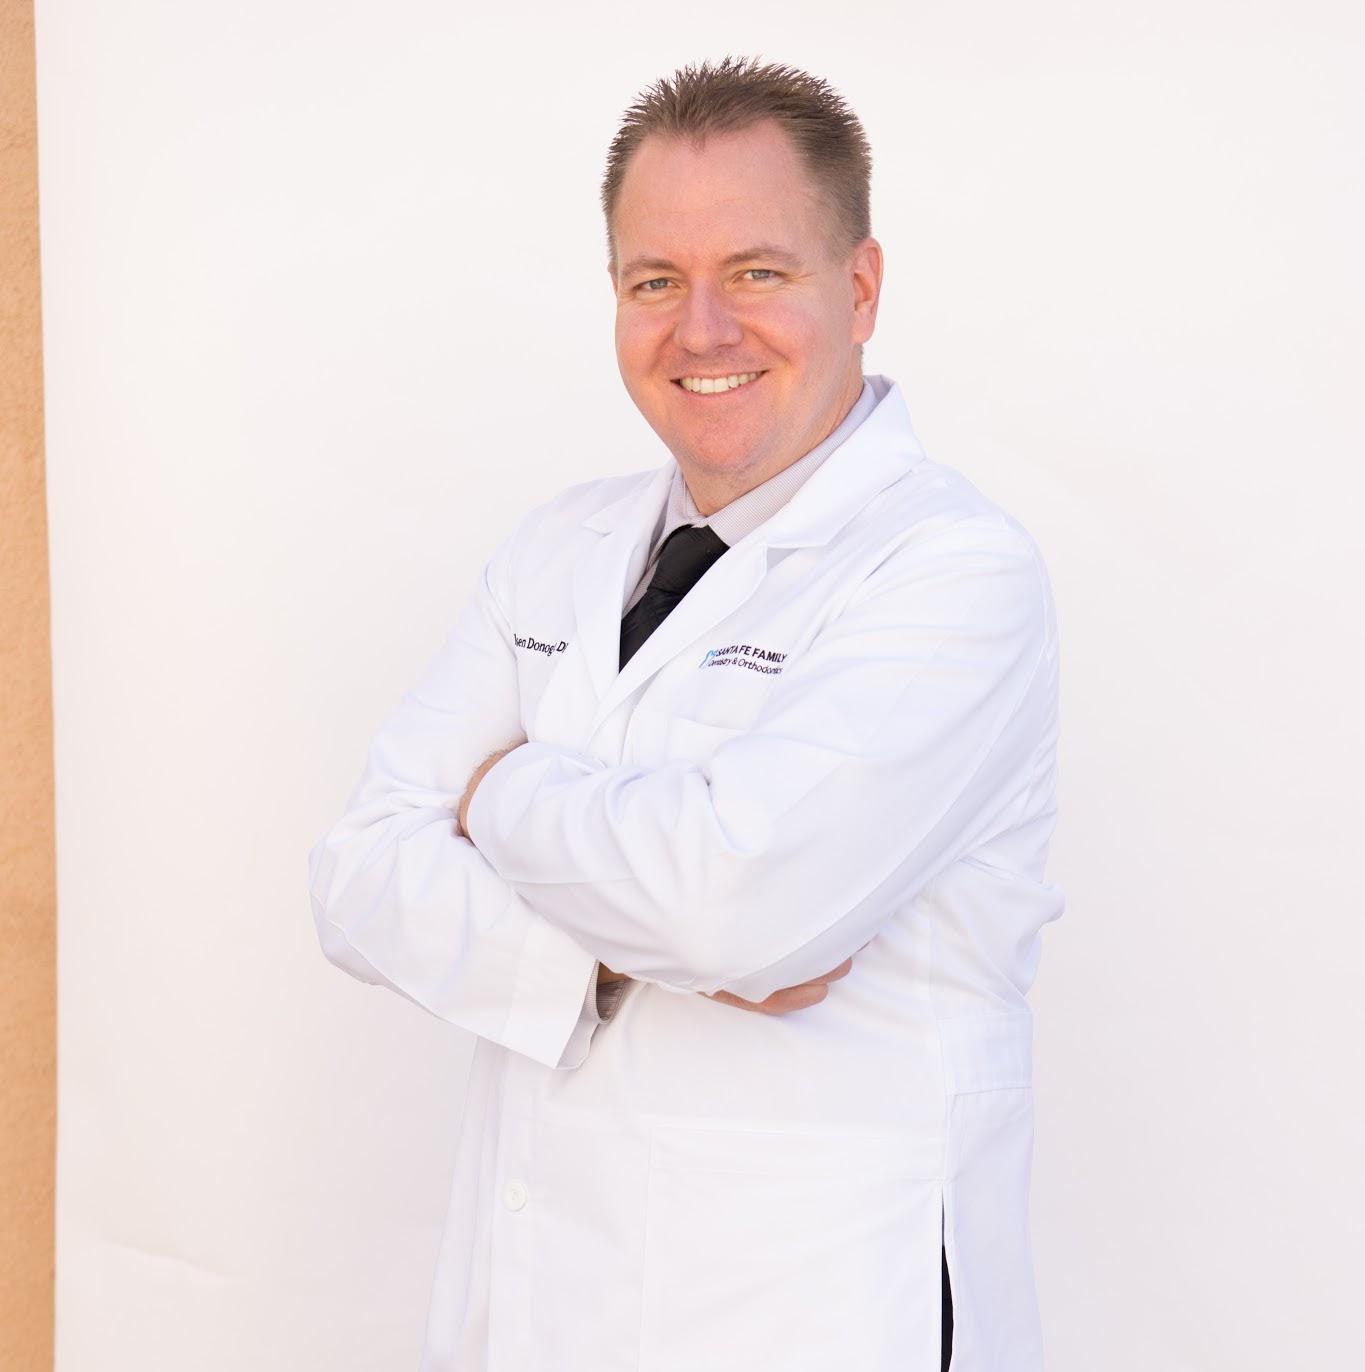 Santa Fe Family Dentistry and Orthodontics